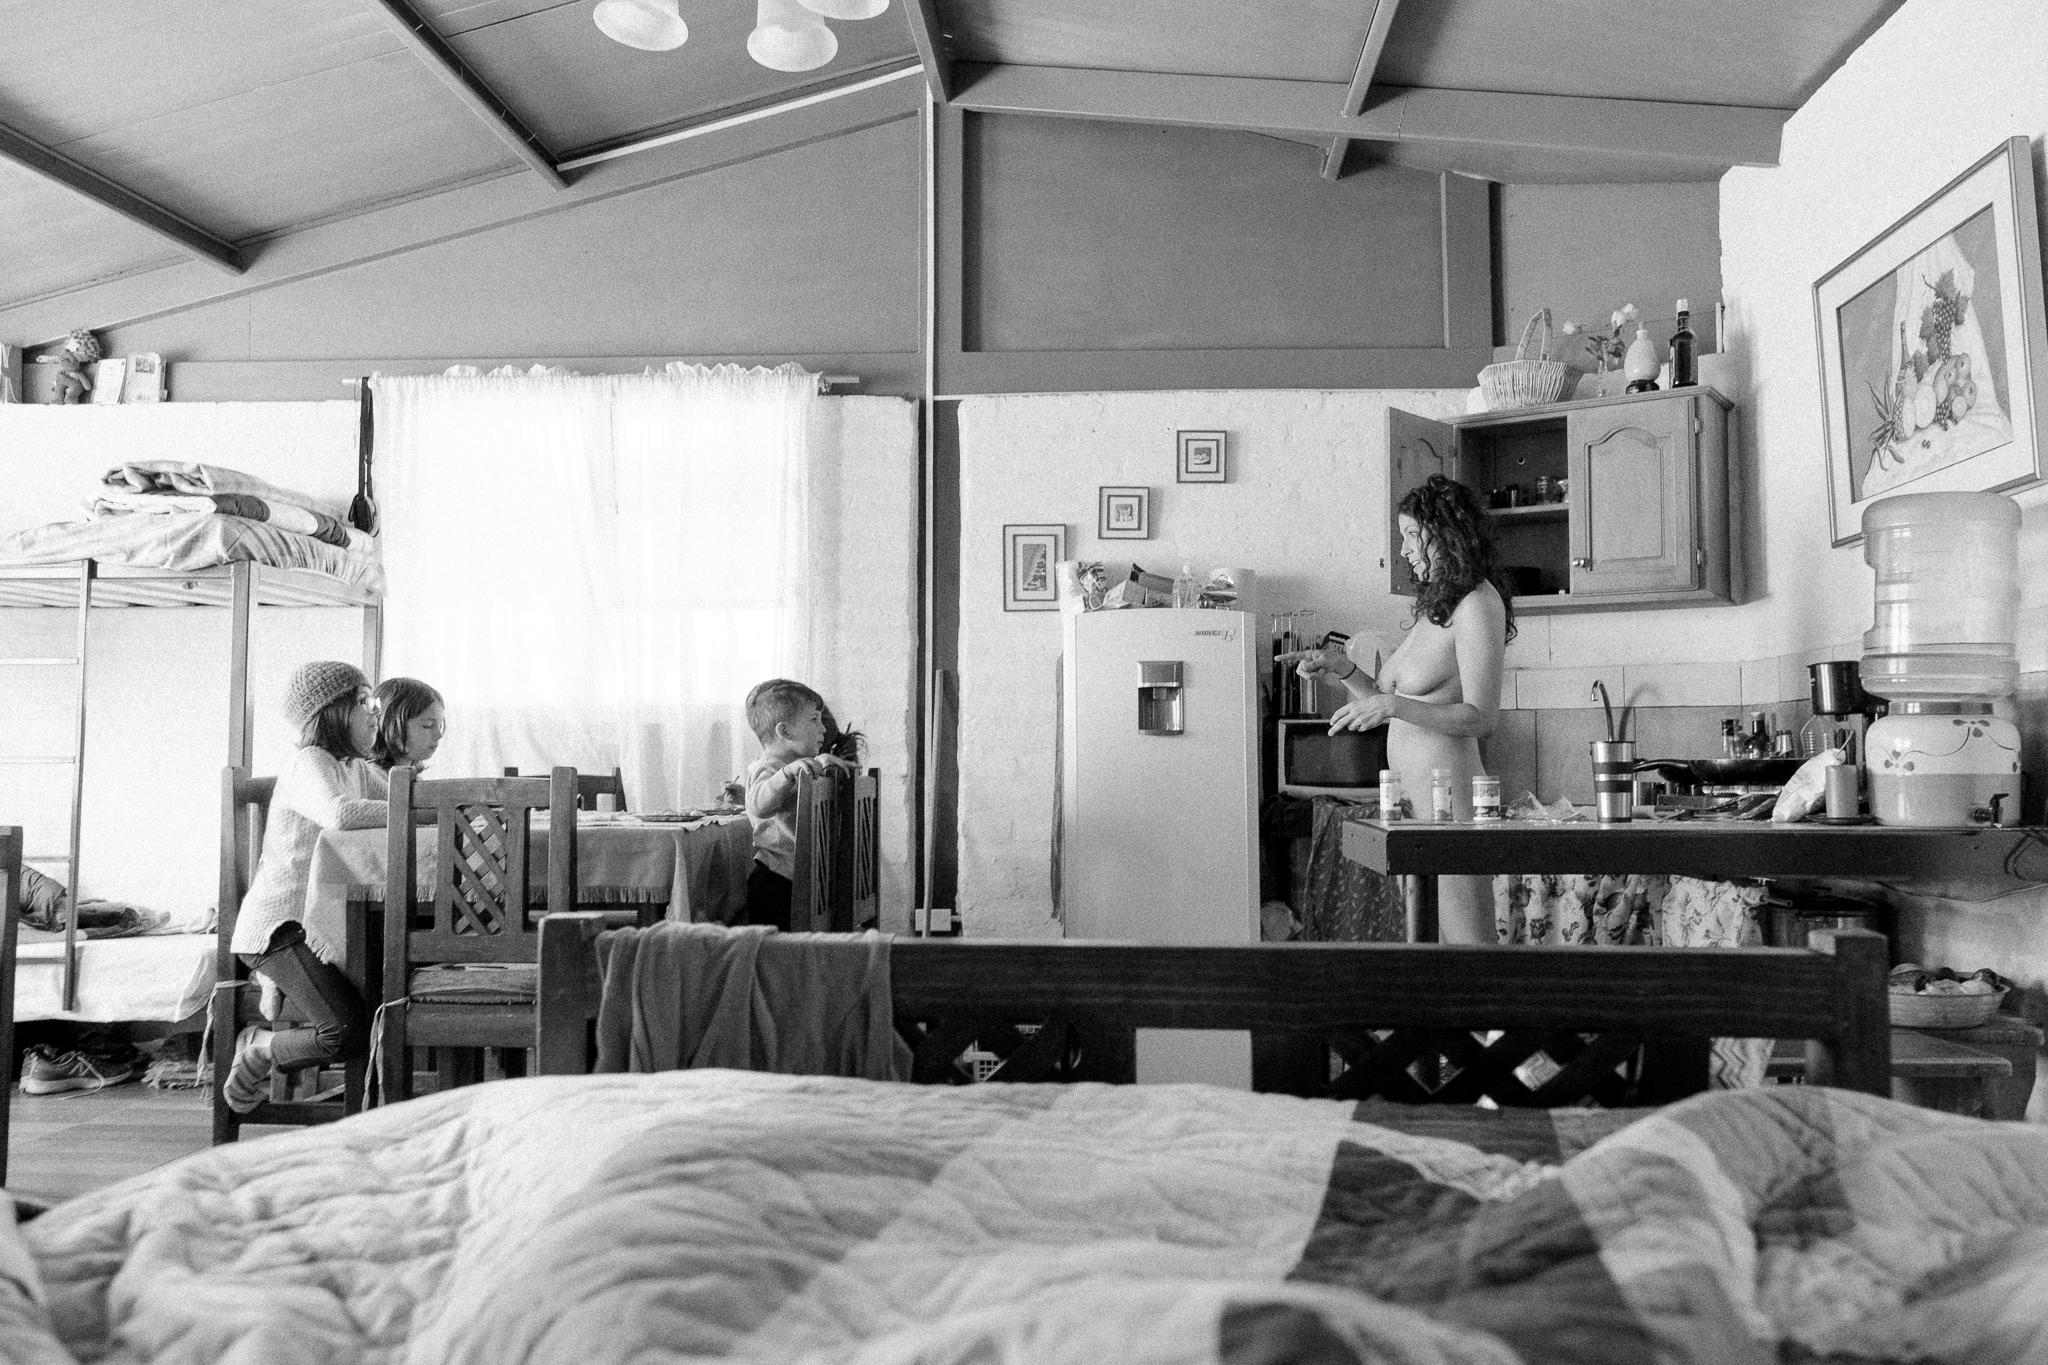 20160807__Hannah nk kids cabin breakfast_X-Pro2_0408.jpg